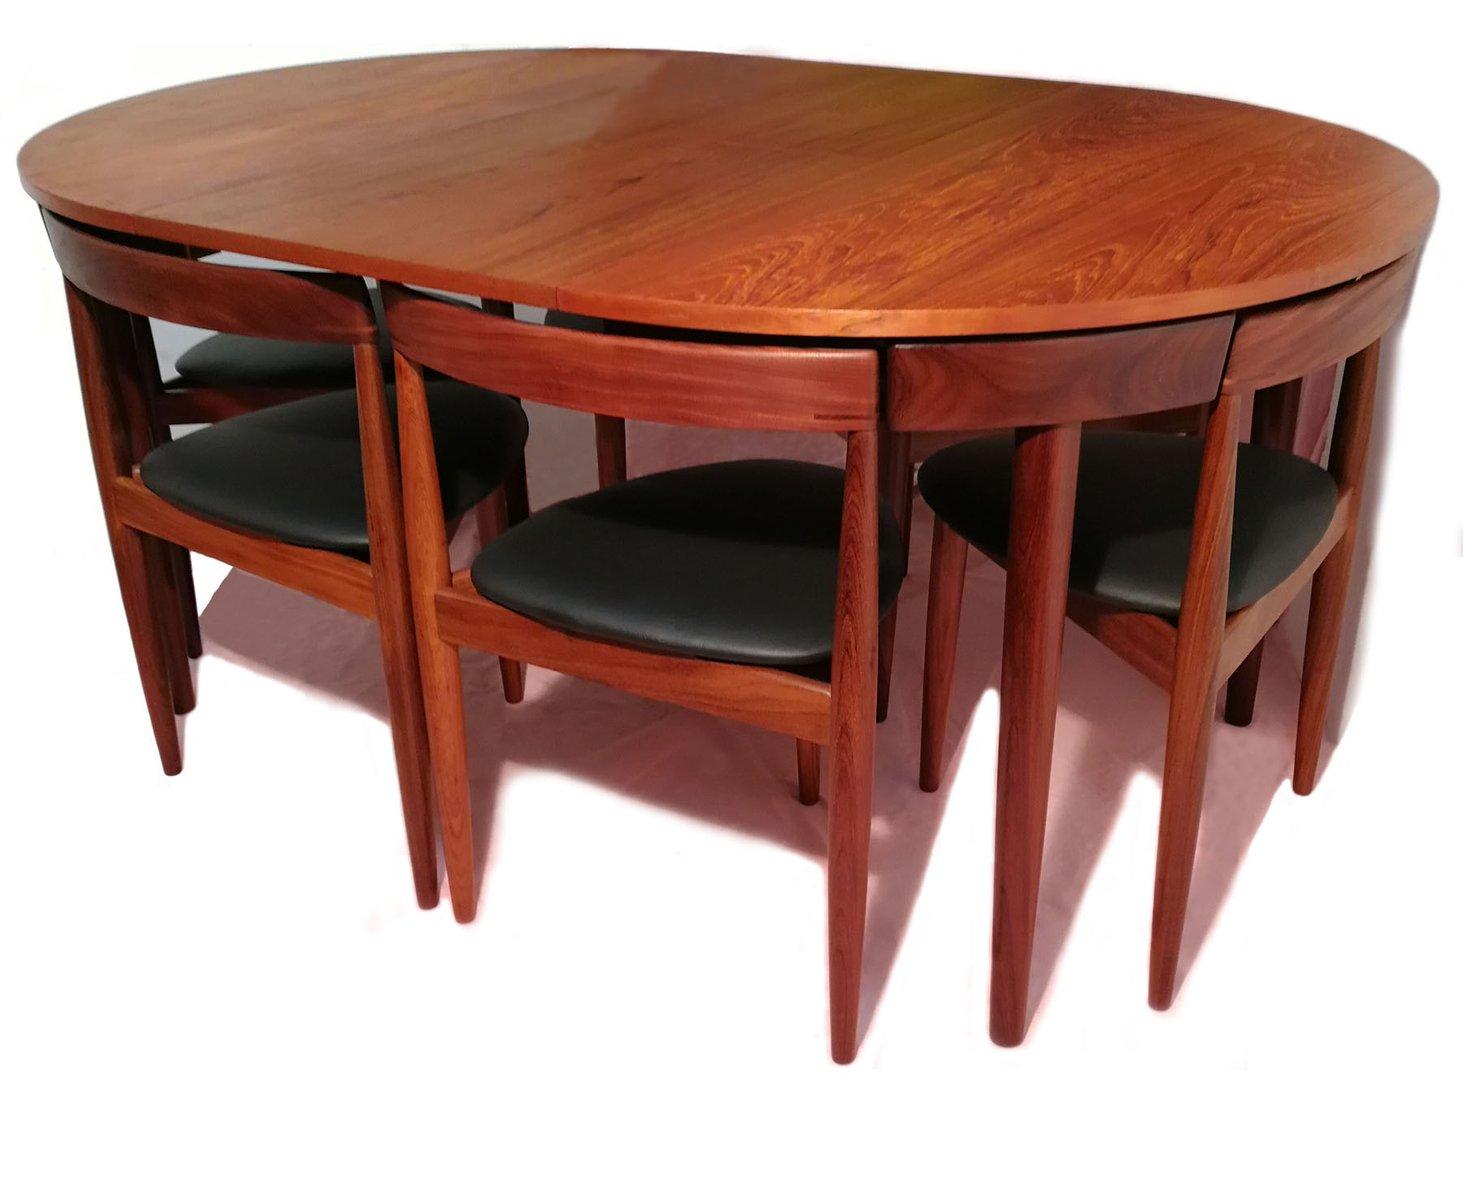 ausziehbarer esstisch mit sech st hlen von hans olsen f r frem rojle bei pamono kaufen. Black Bedroom Furniture Sets. Home Design Ideas